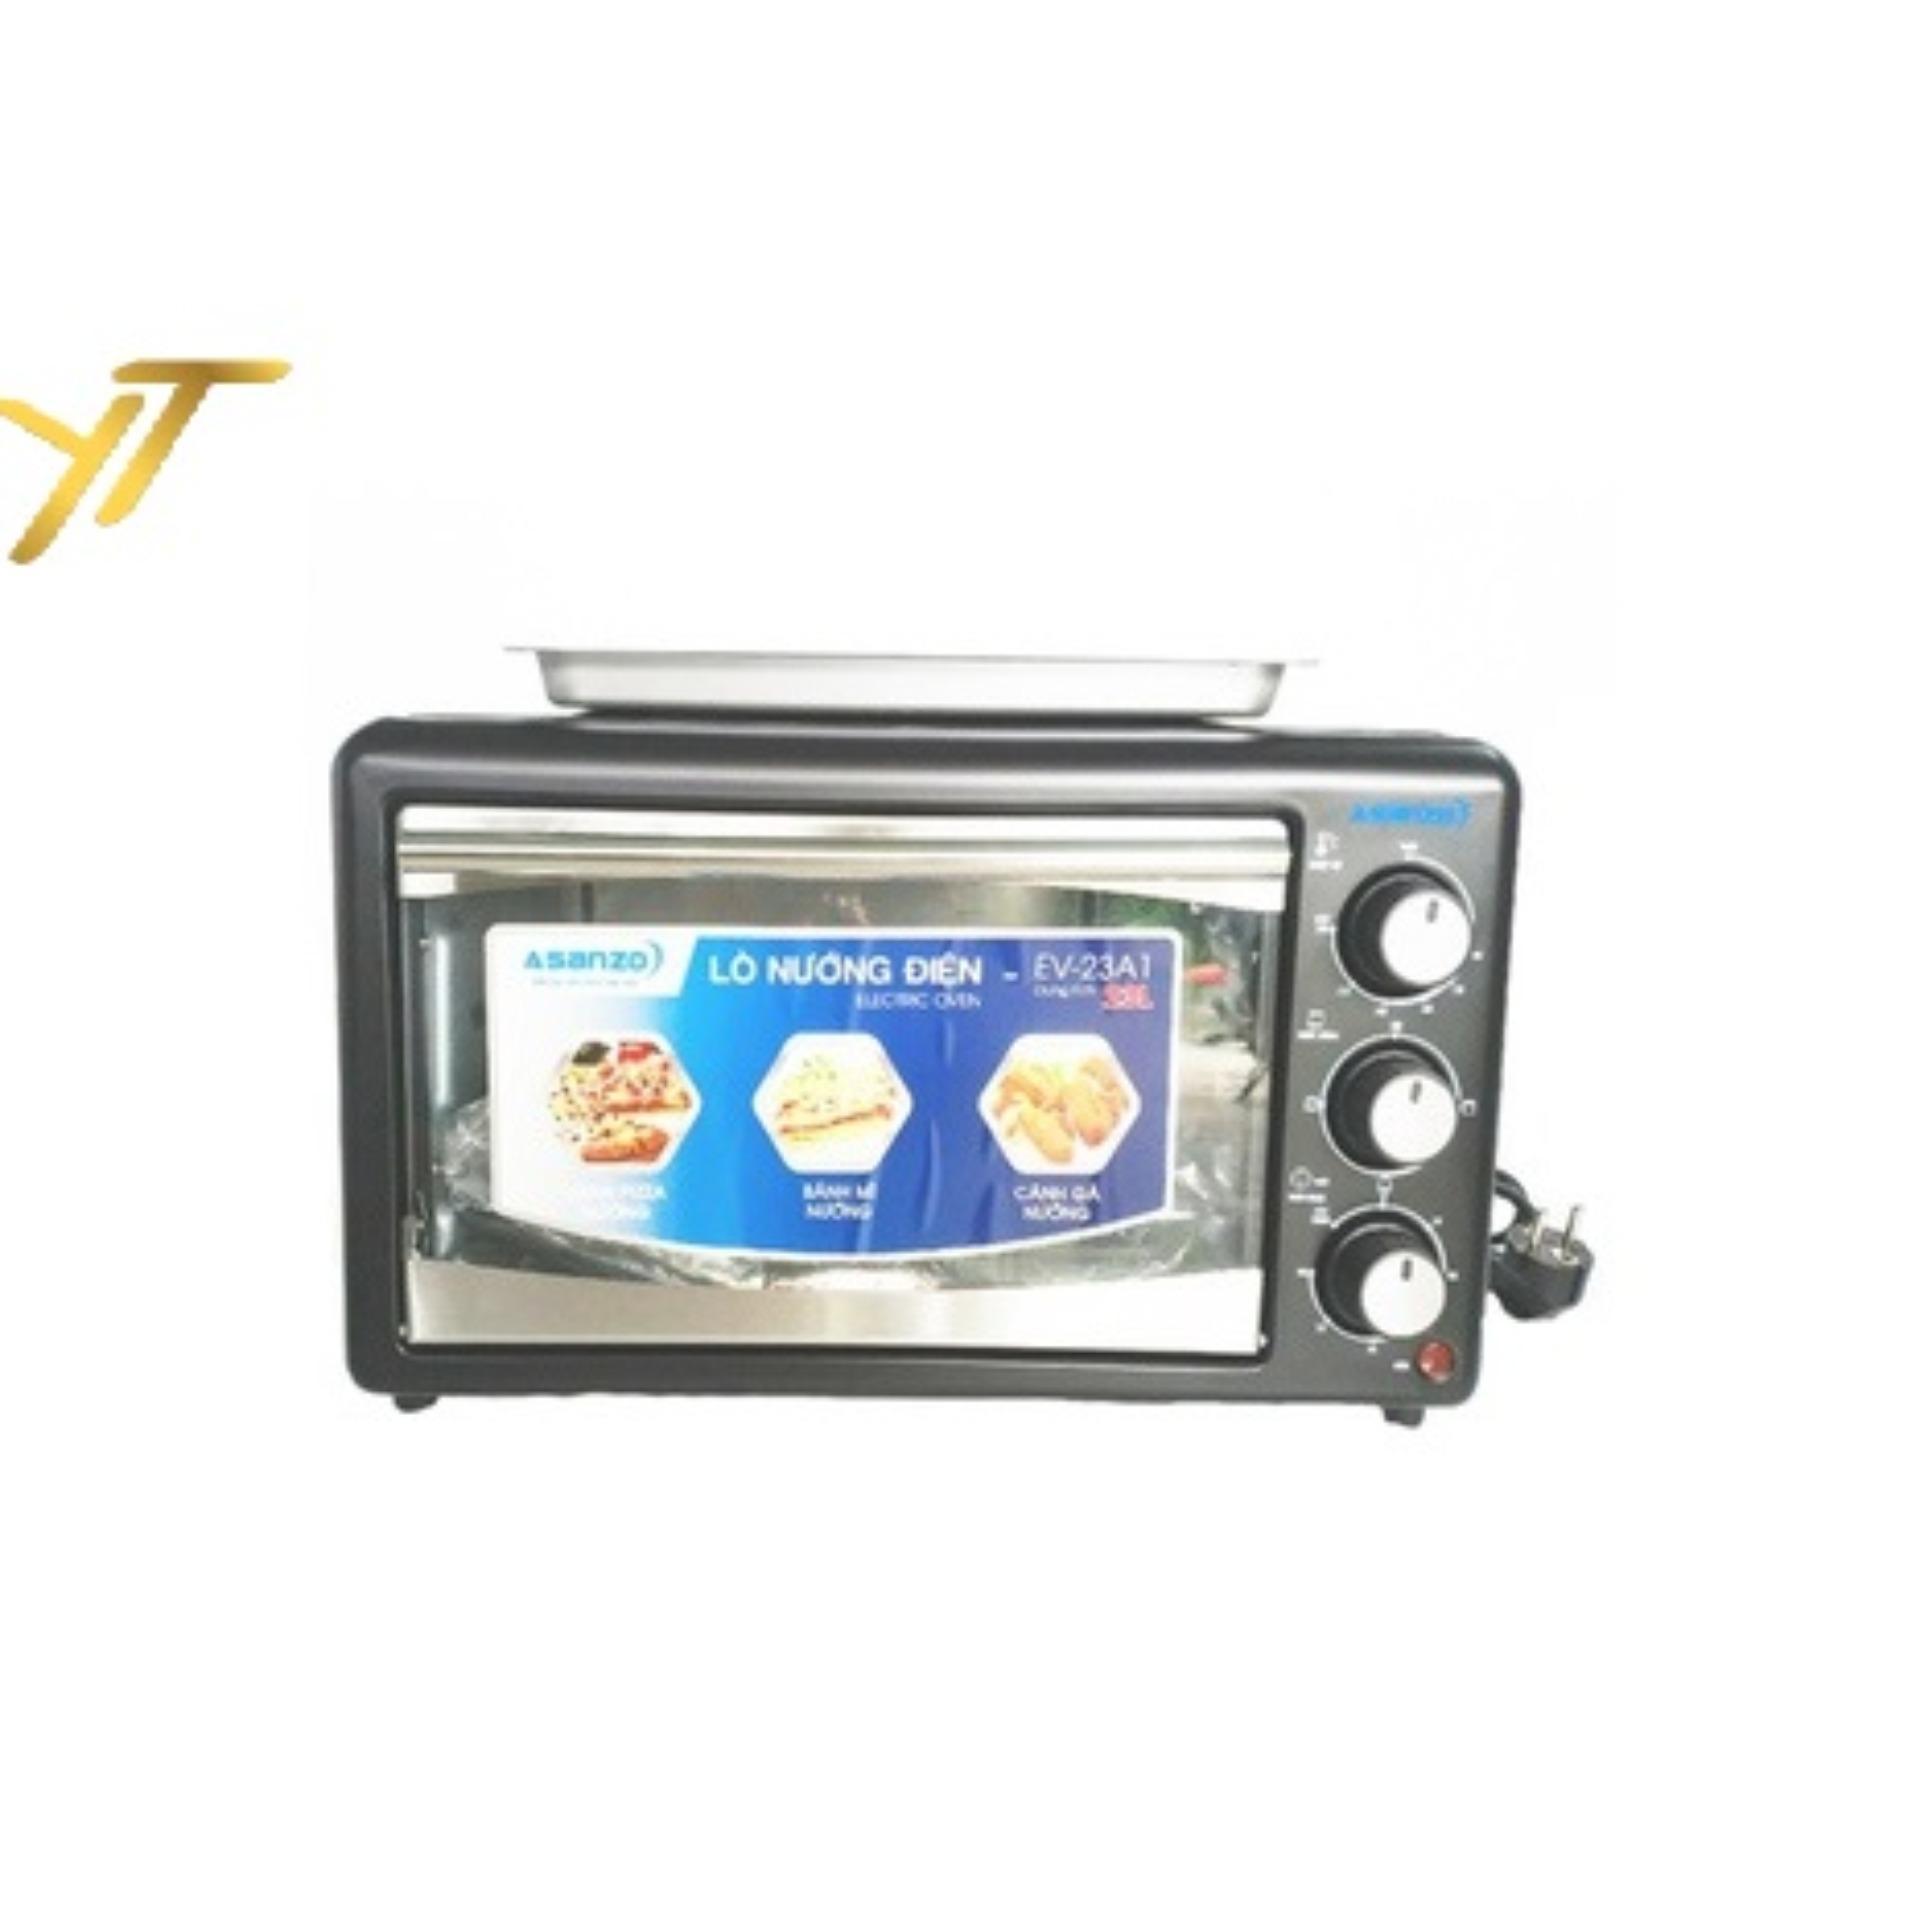 Lò nướng điện 23 lít Asanzo EV-23A1